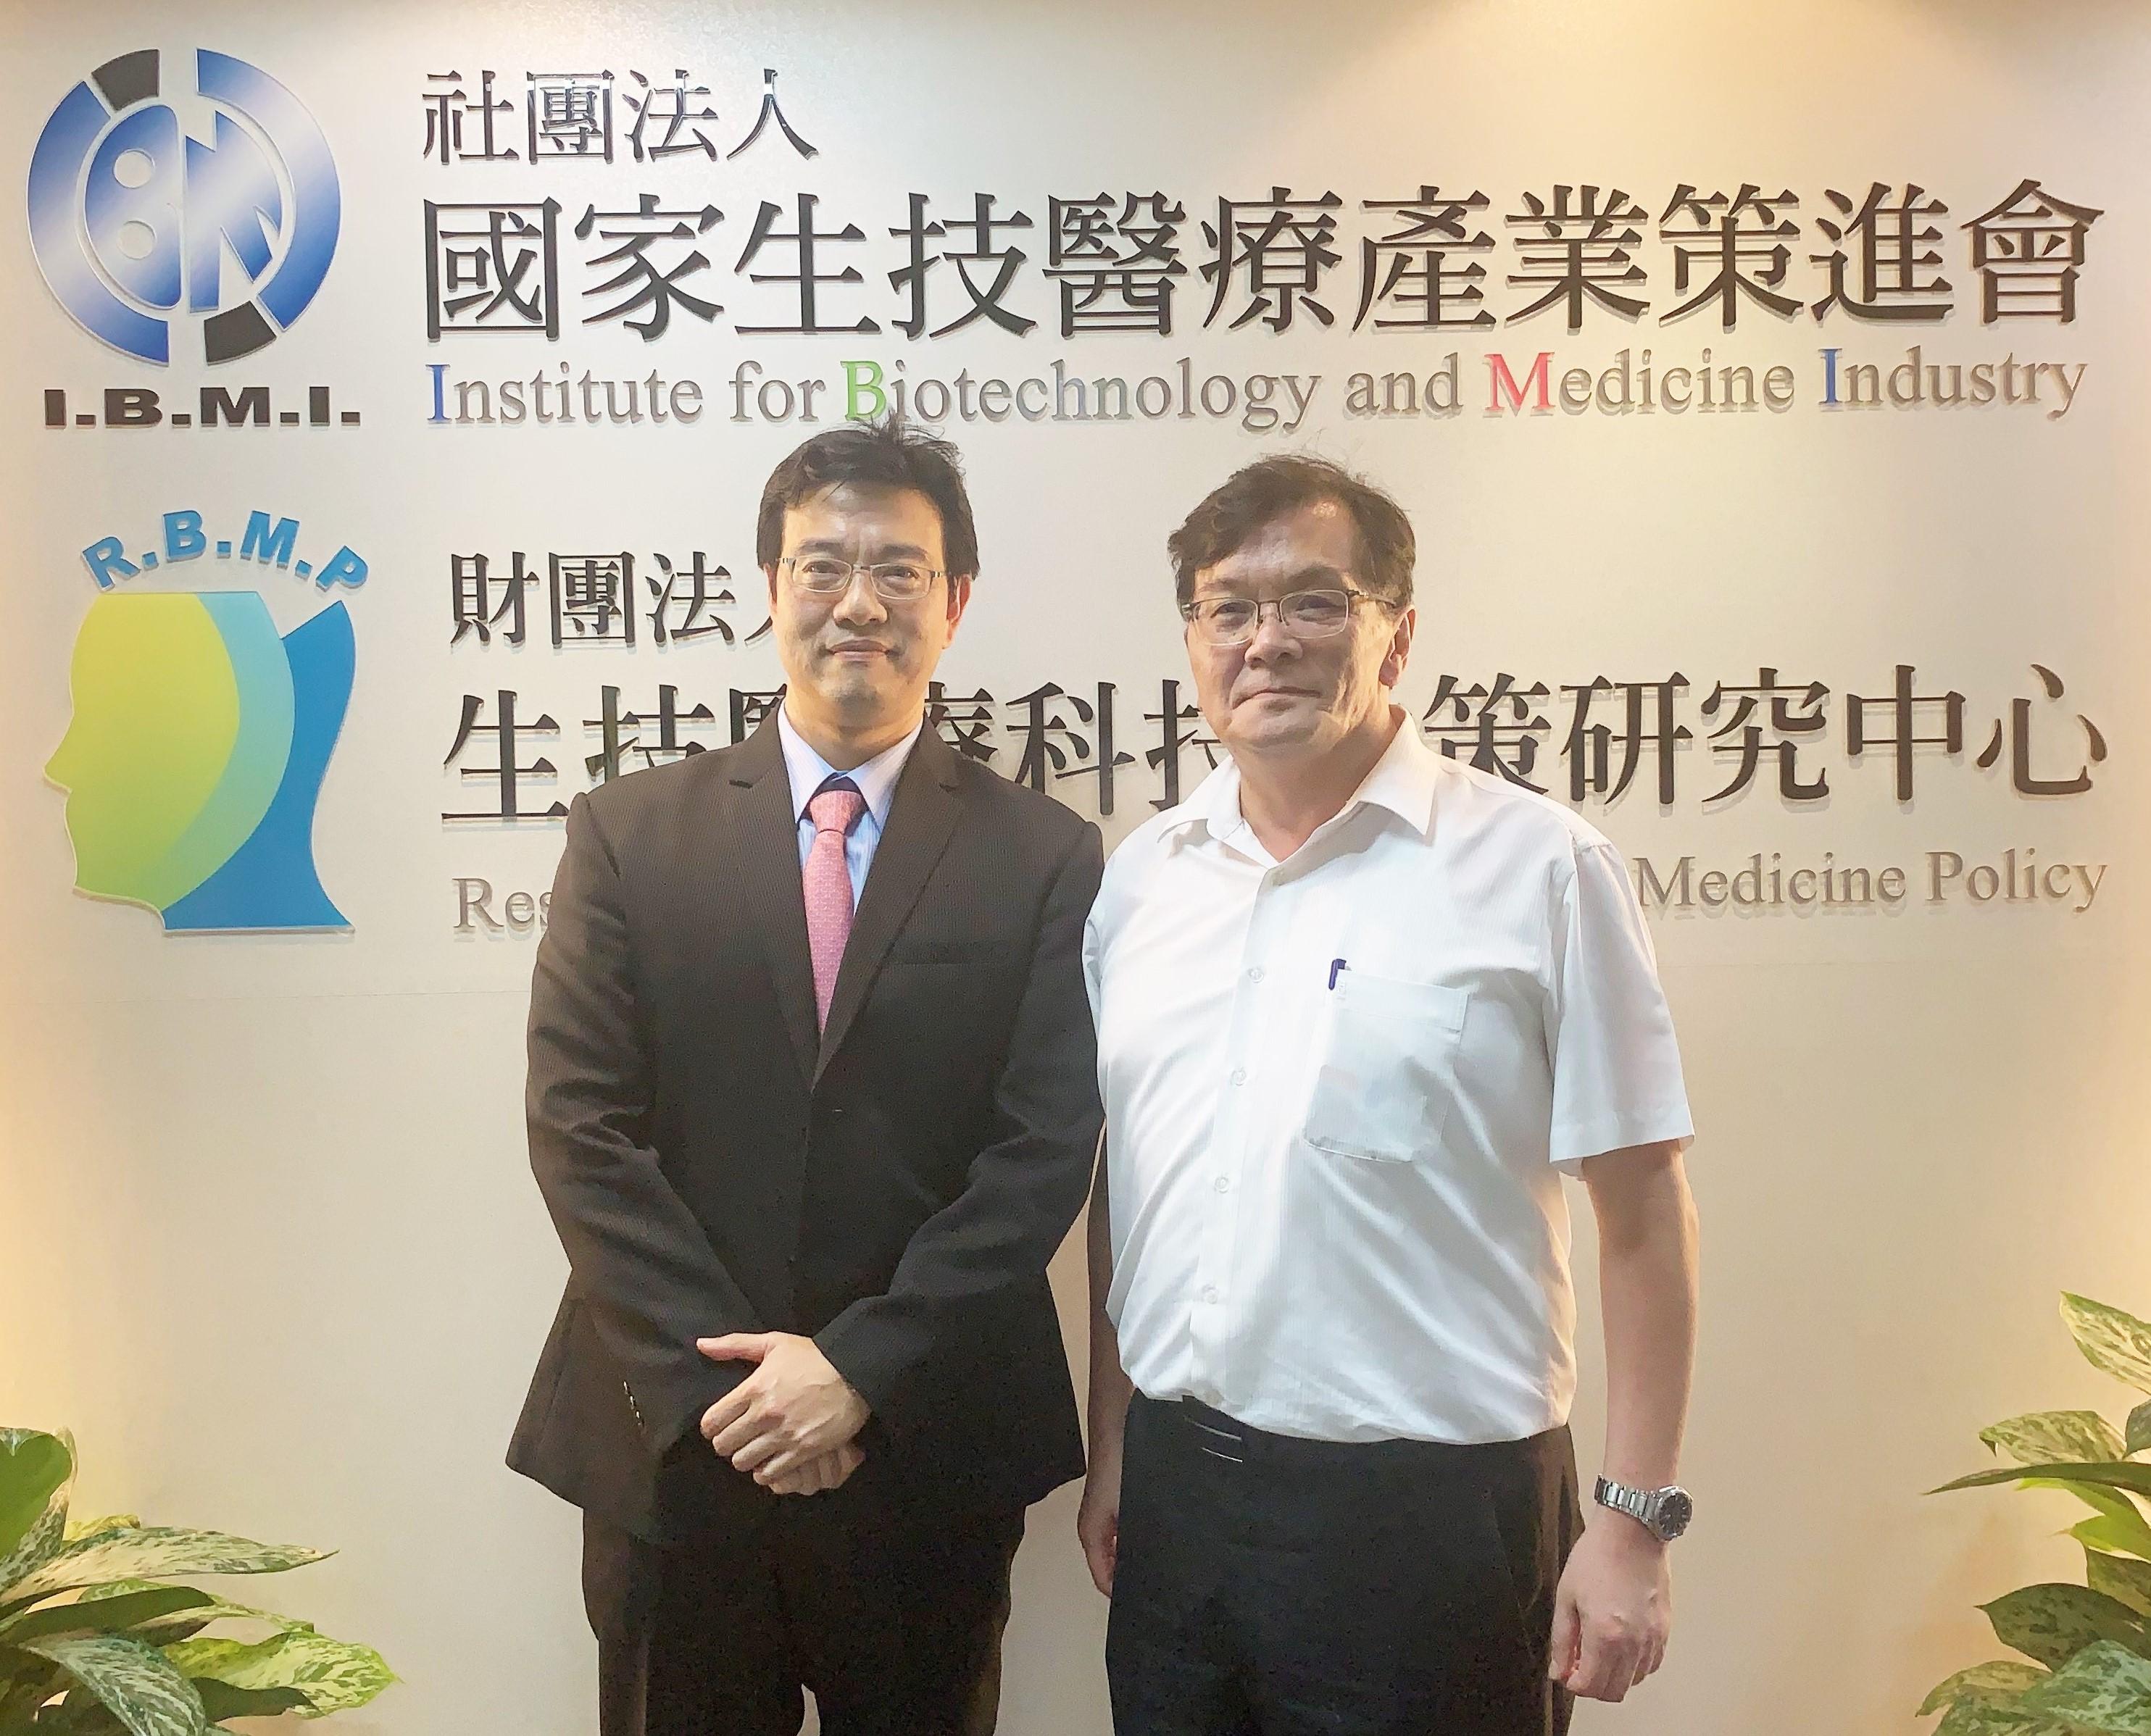 研究團隊照片(左起為謝邦鑫教授、戴金龍教授)